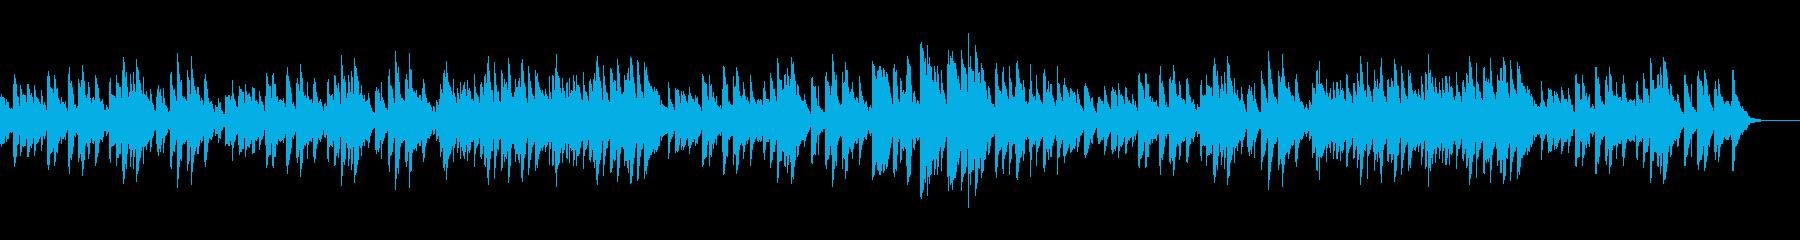 シューマン 子供の情景 Op.15-11の再生済みの波形